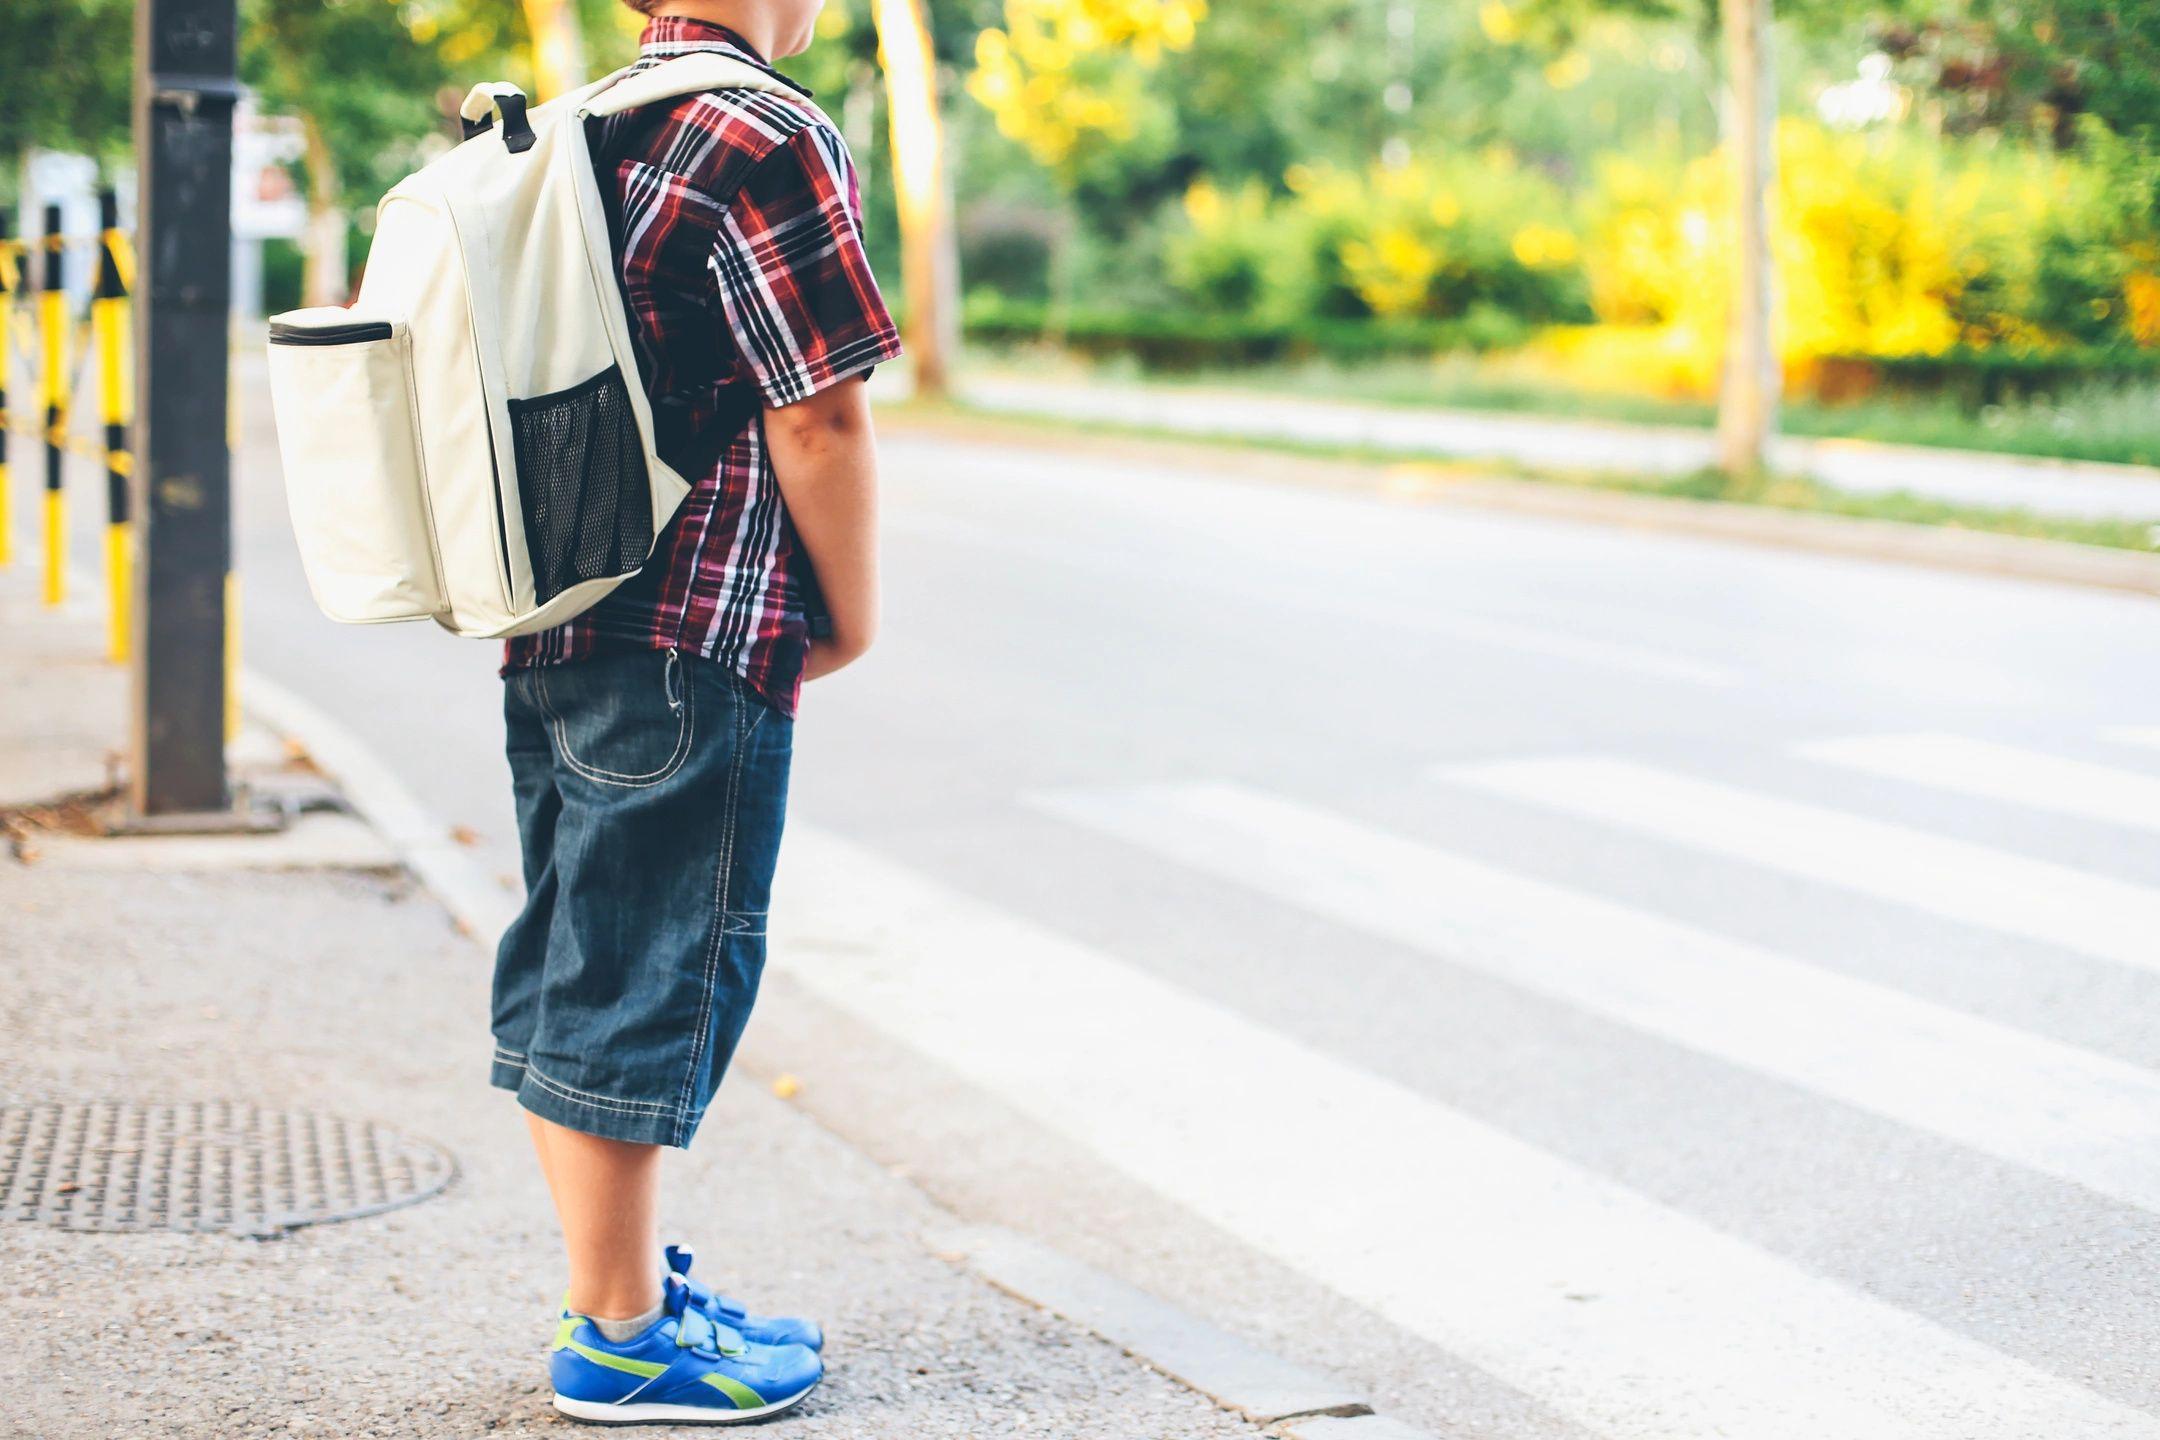 Sidewalks will soon connect kids to school in Woodville